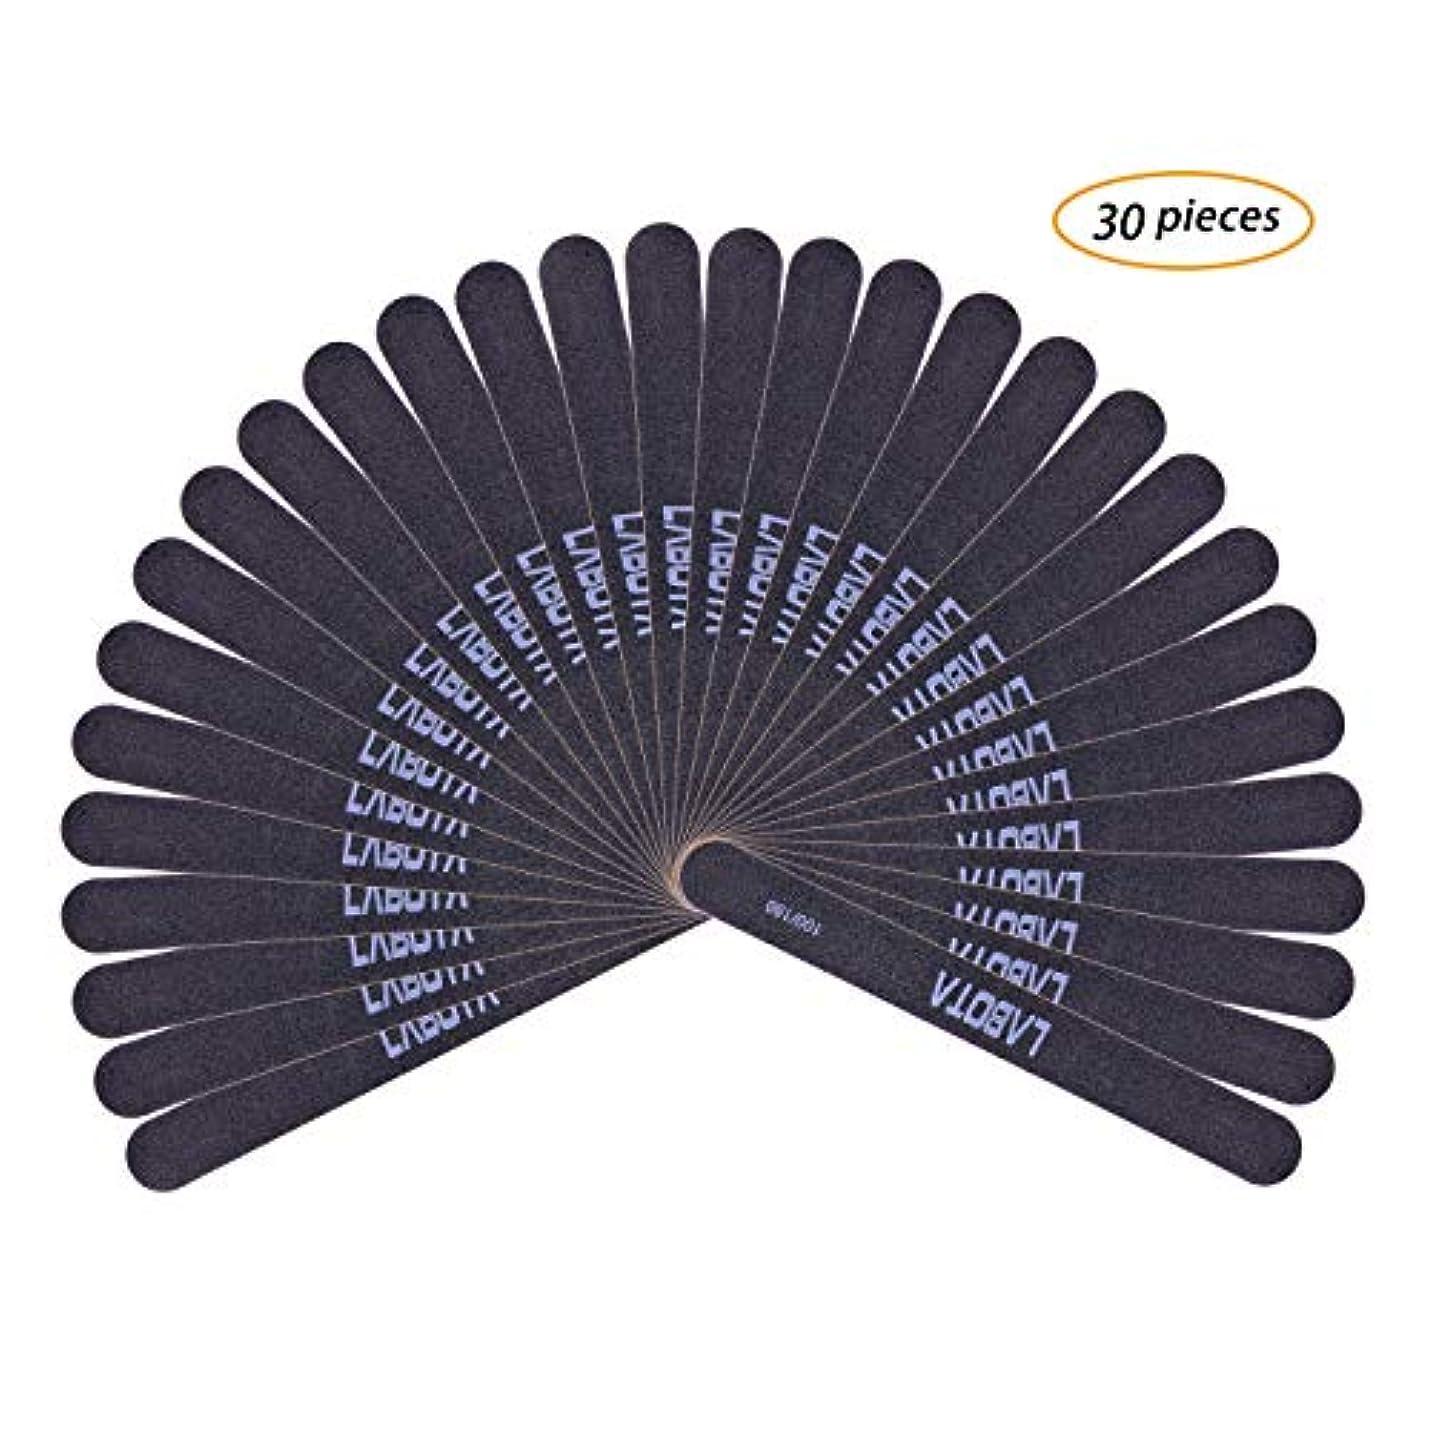 ゾーン先生価格LABOTA 30セットネイルソフトファイル 爪やすり ブラック爪磨き ネイルケアやすり 両面グリットのネイルファイルエメリーボード(100/180)ウォッシャブルツメヤスリ